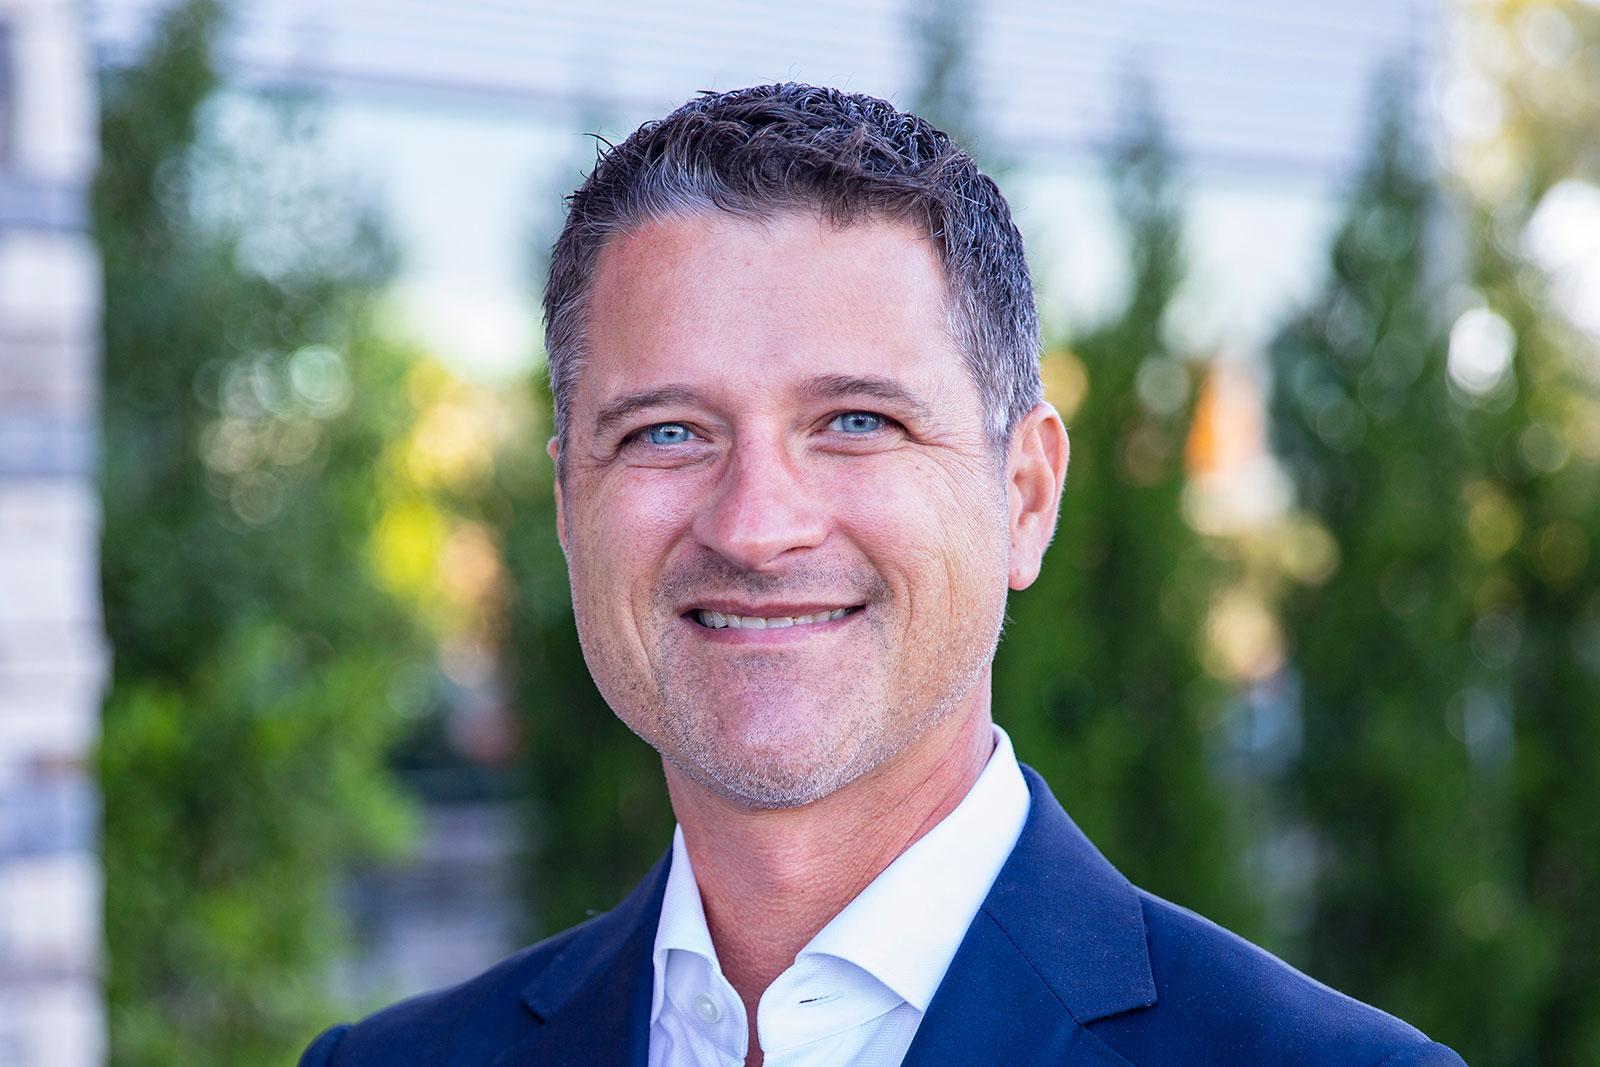 Dr. Dustin Baker